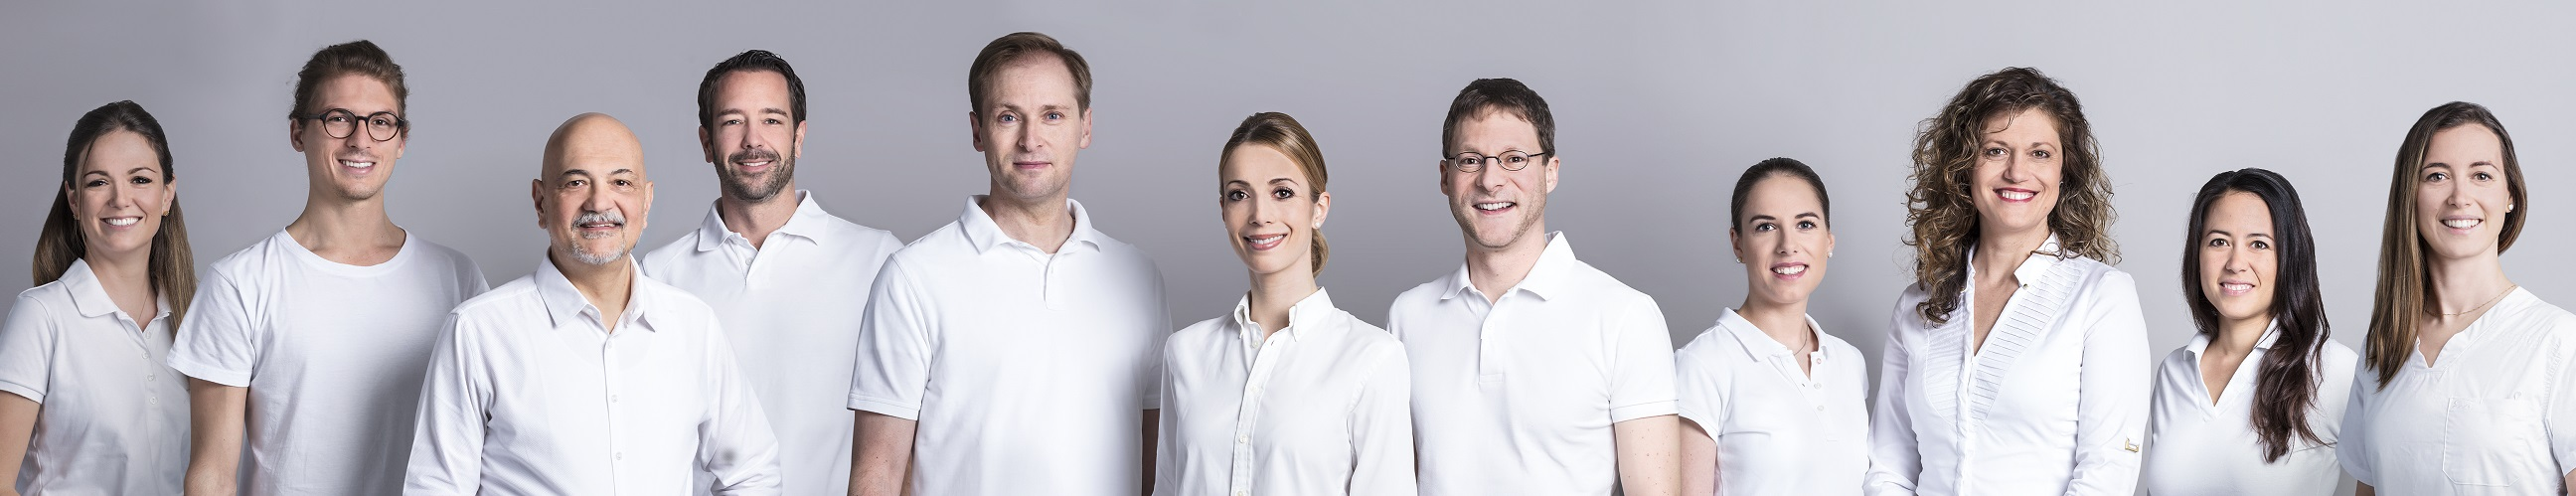 Bellevue Zahnärzte Zürich Team